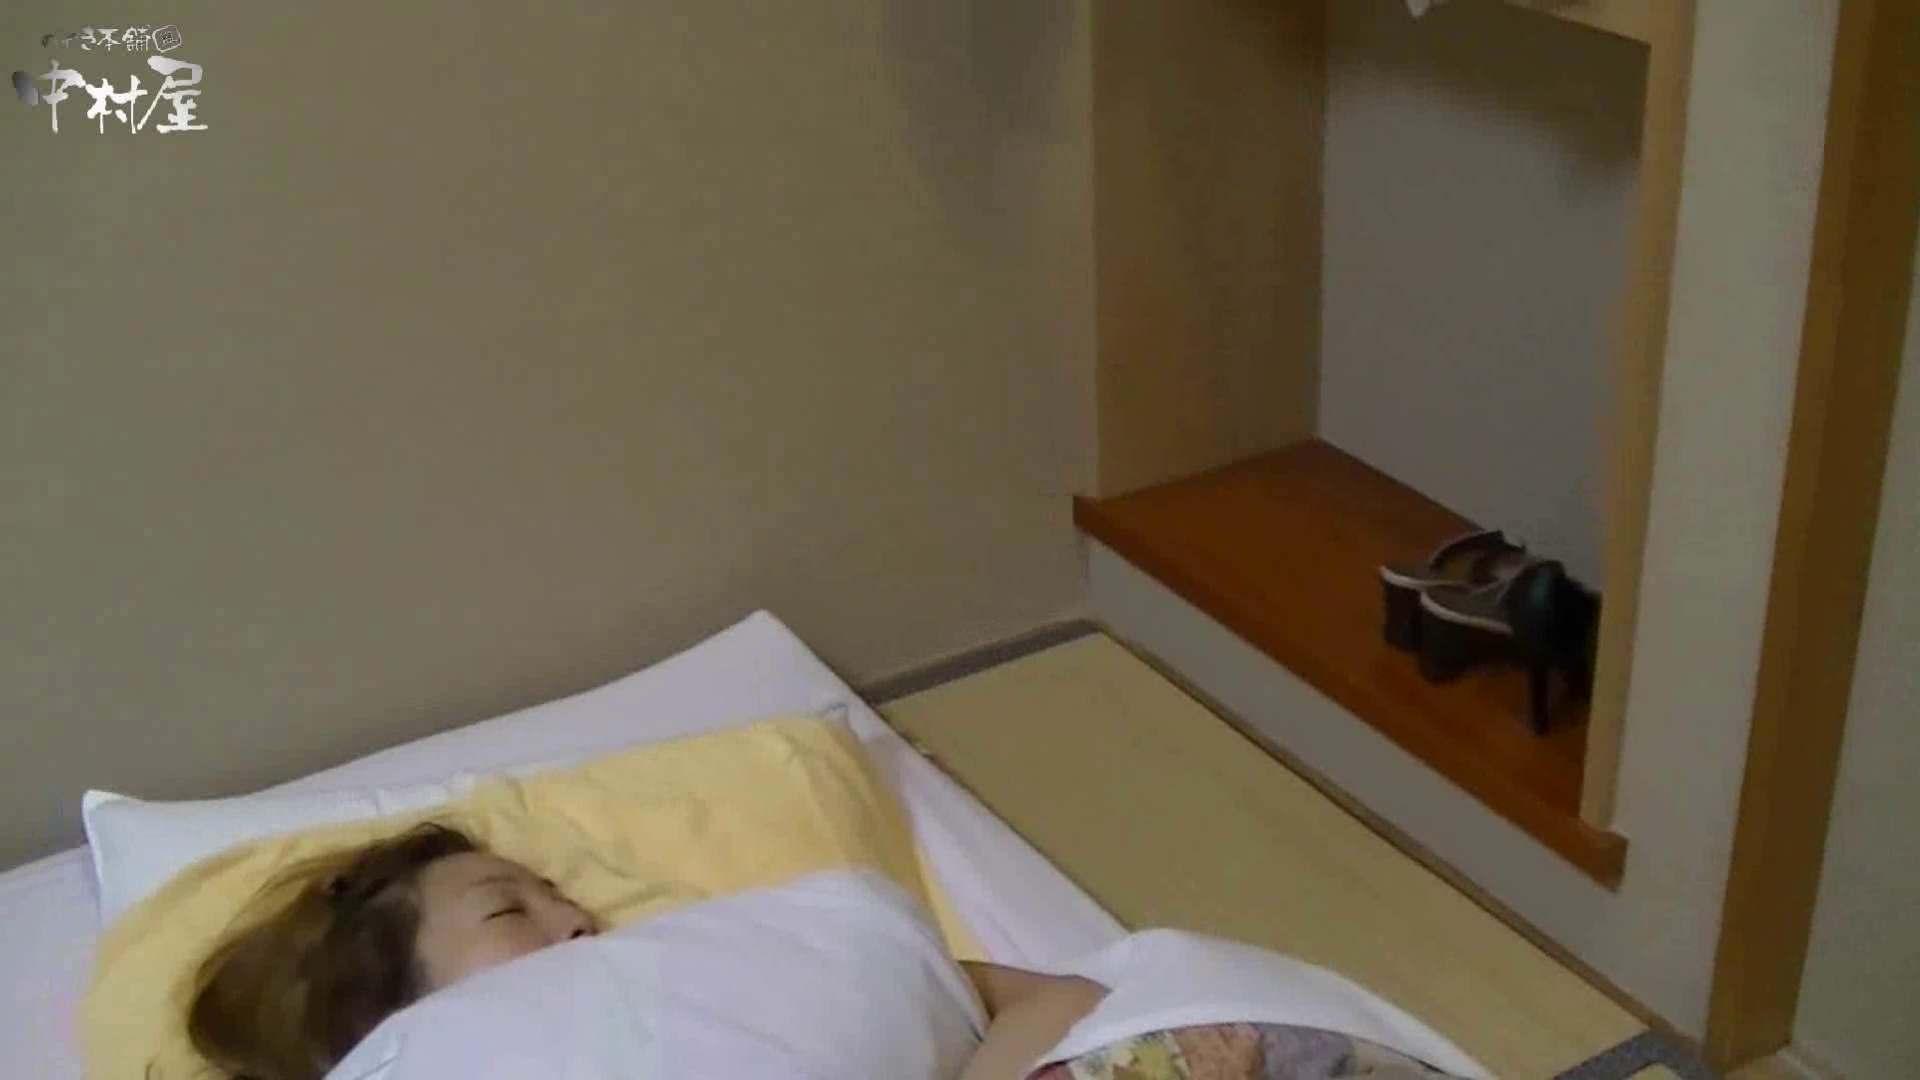 ネムリ姫 vol.47 パンティ SEX無修正画像 81pic 6